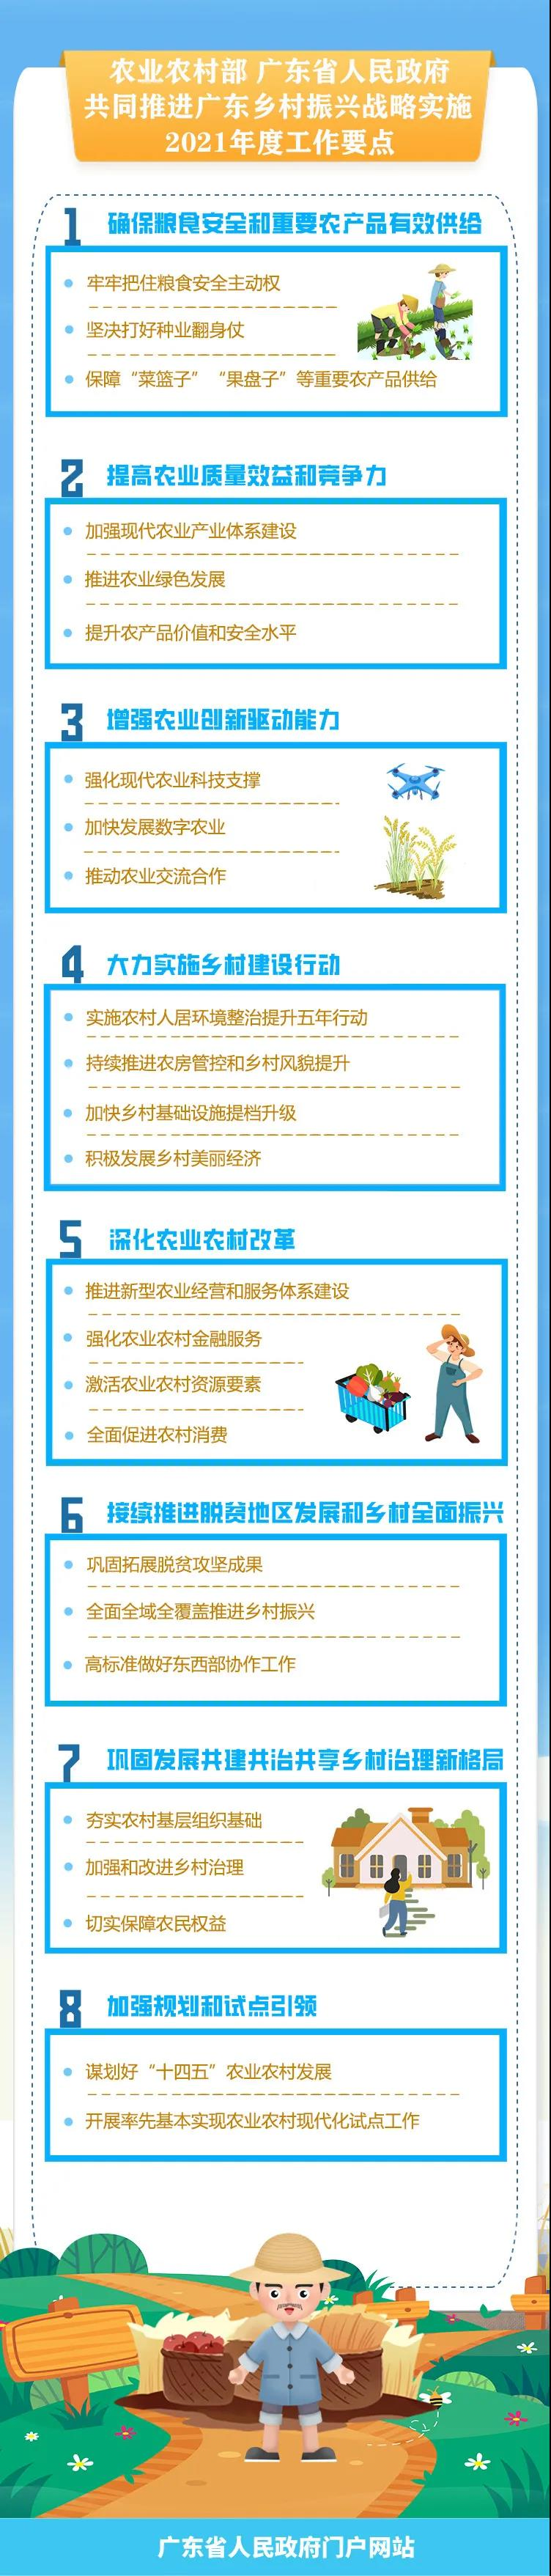 重磅!农业农村部 广东省人民政府共同推进 广东乡村振兴战略实施2021年度工作要点发布